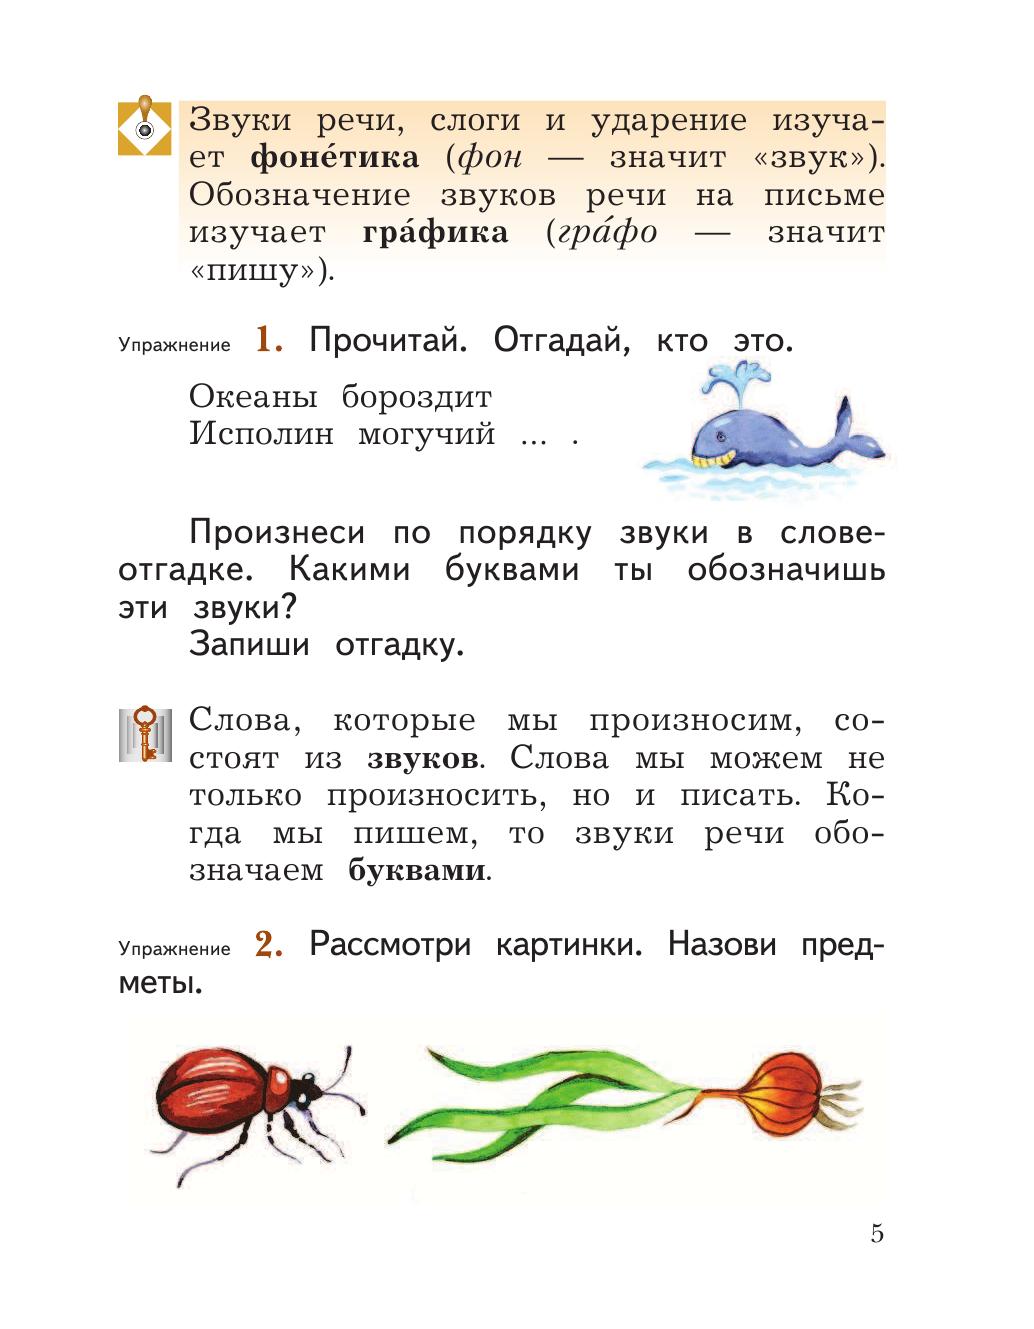 4 марина гдз ивановна русский класс язык кузнецова